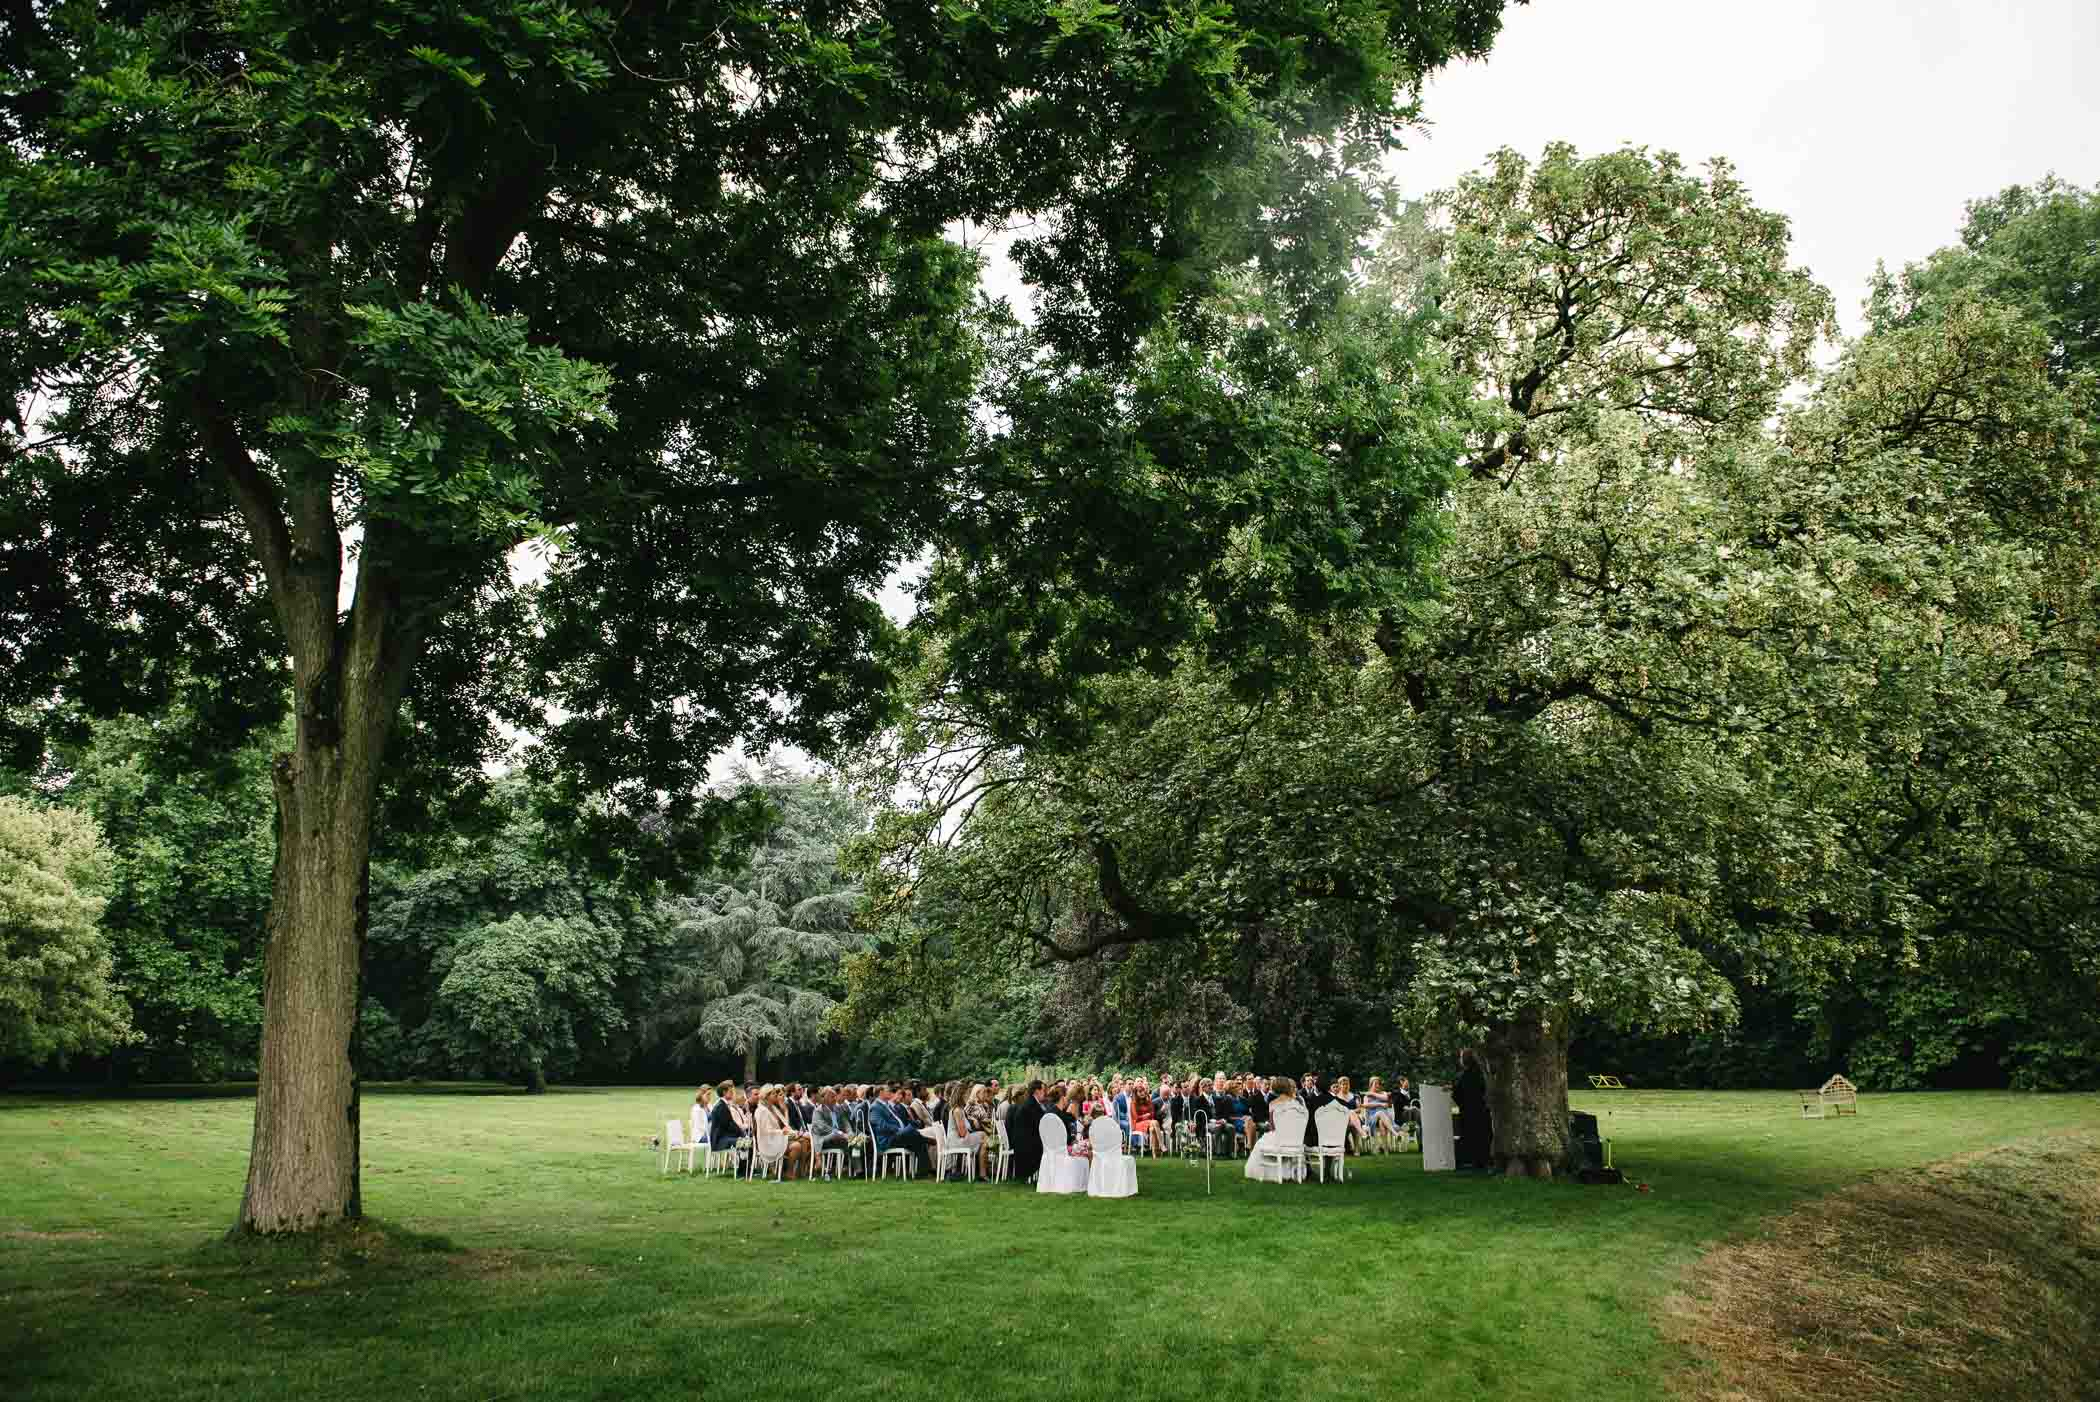 trouwlocatie noord-brabant buiten trouwen kasteel ophemert